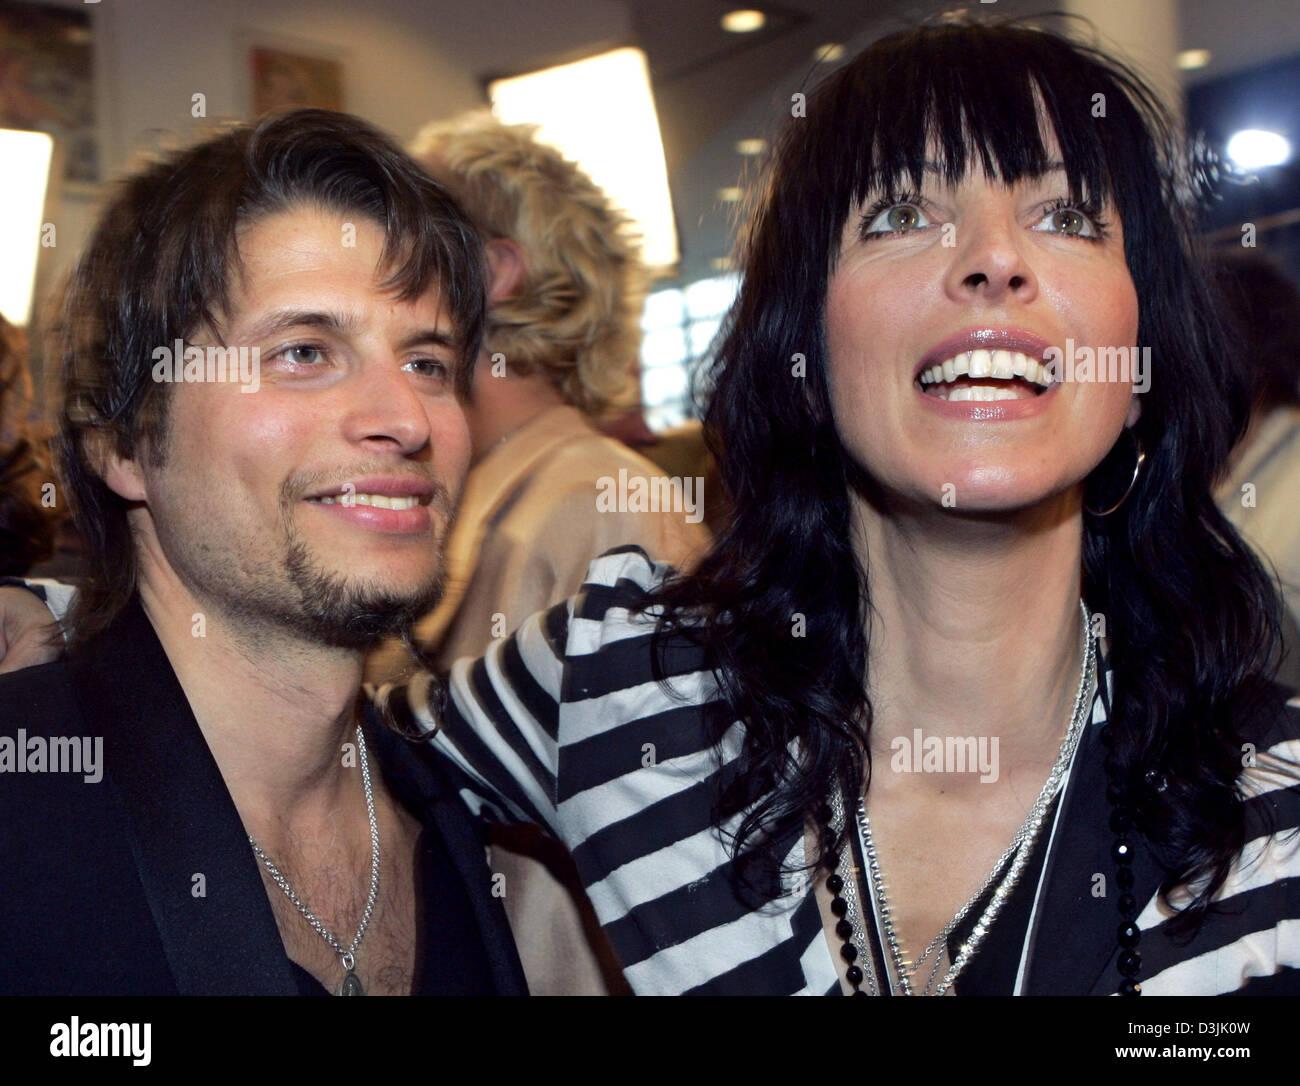 German Dpa Boyfriend Philipp r Her Singer Pop And Nena Palm ZBnBA1p